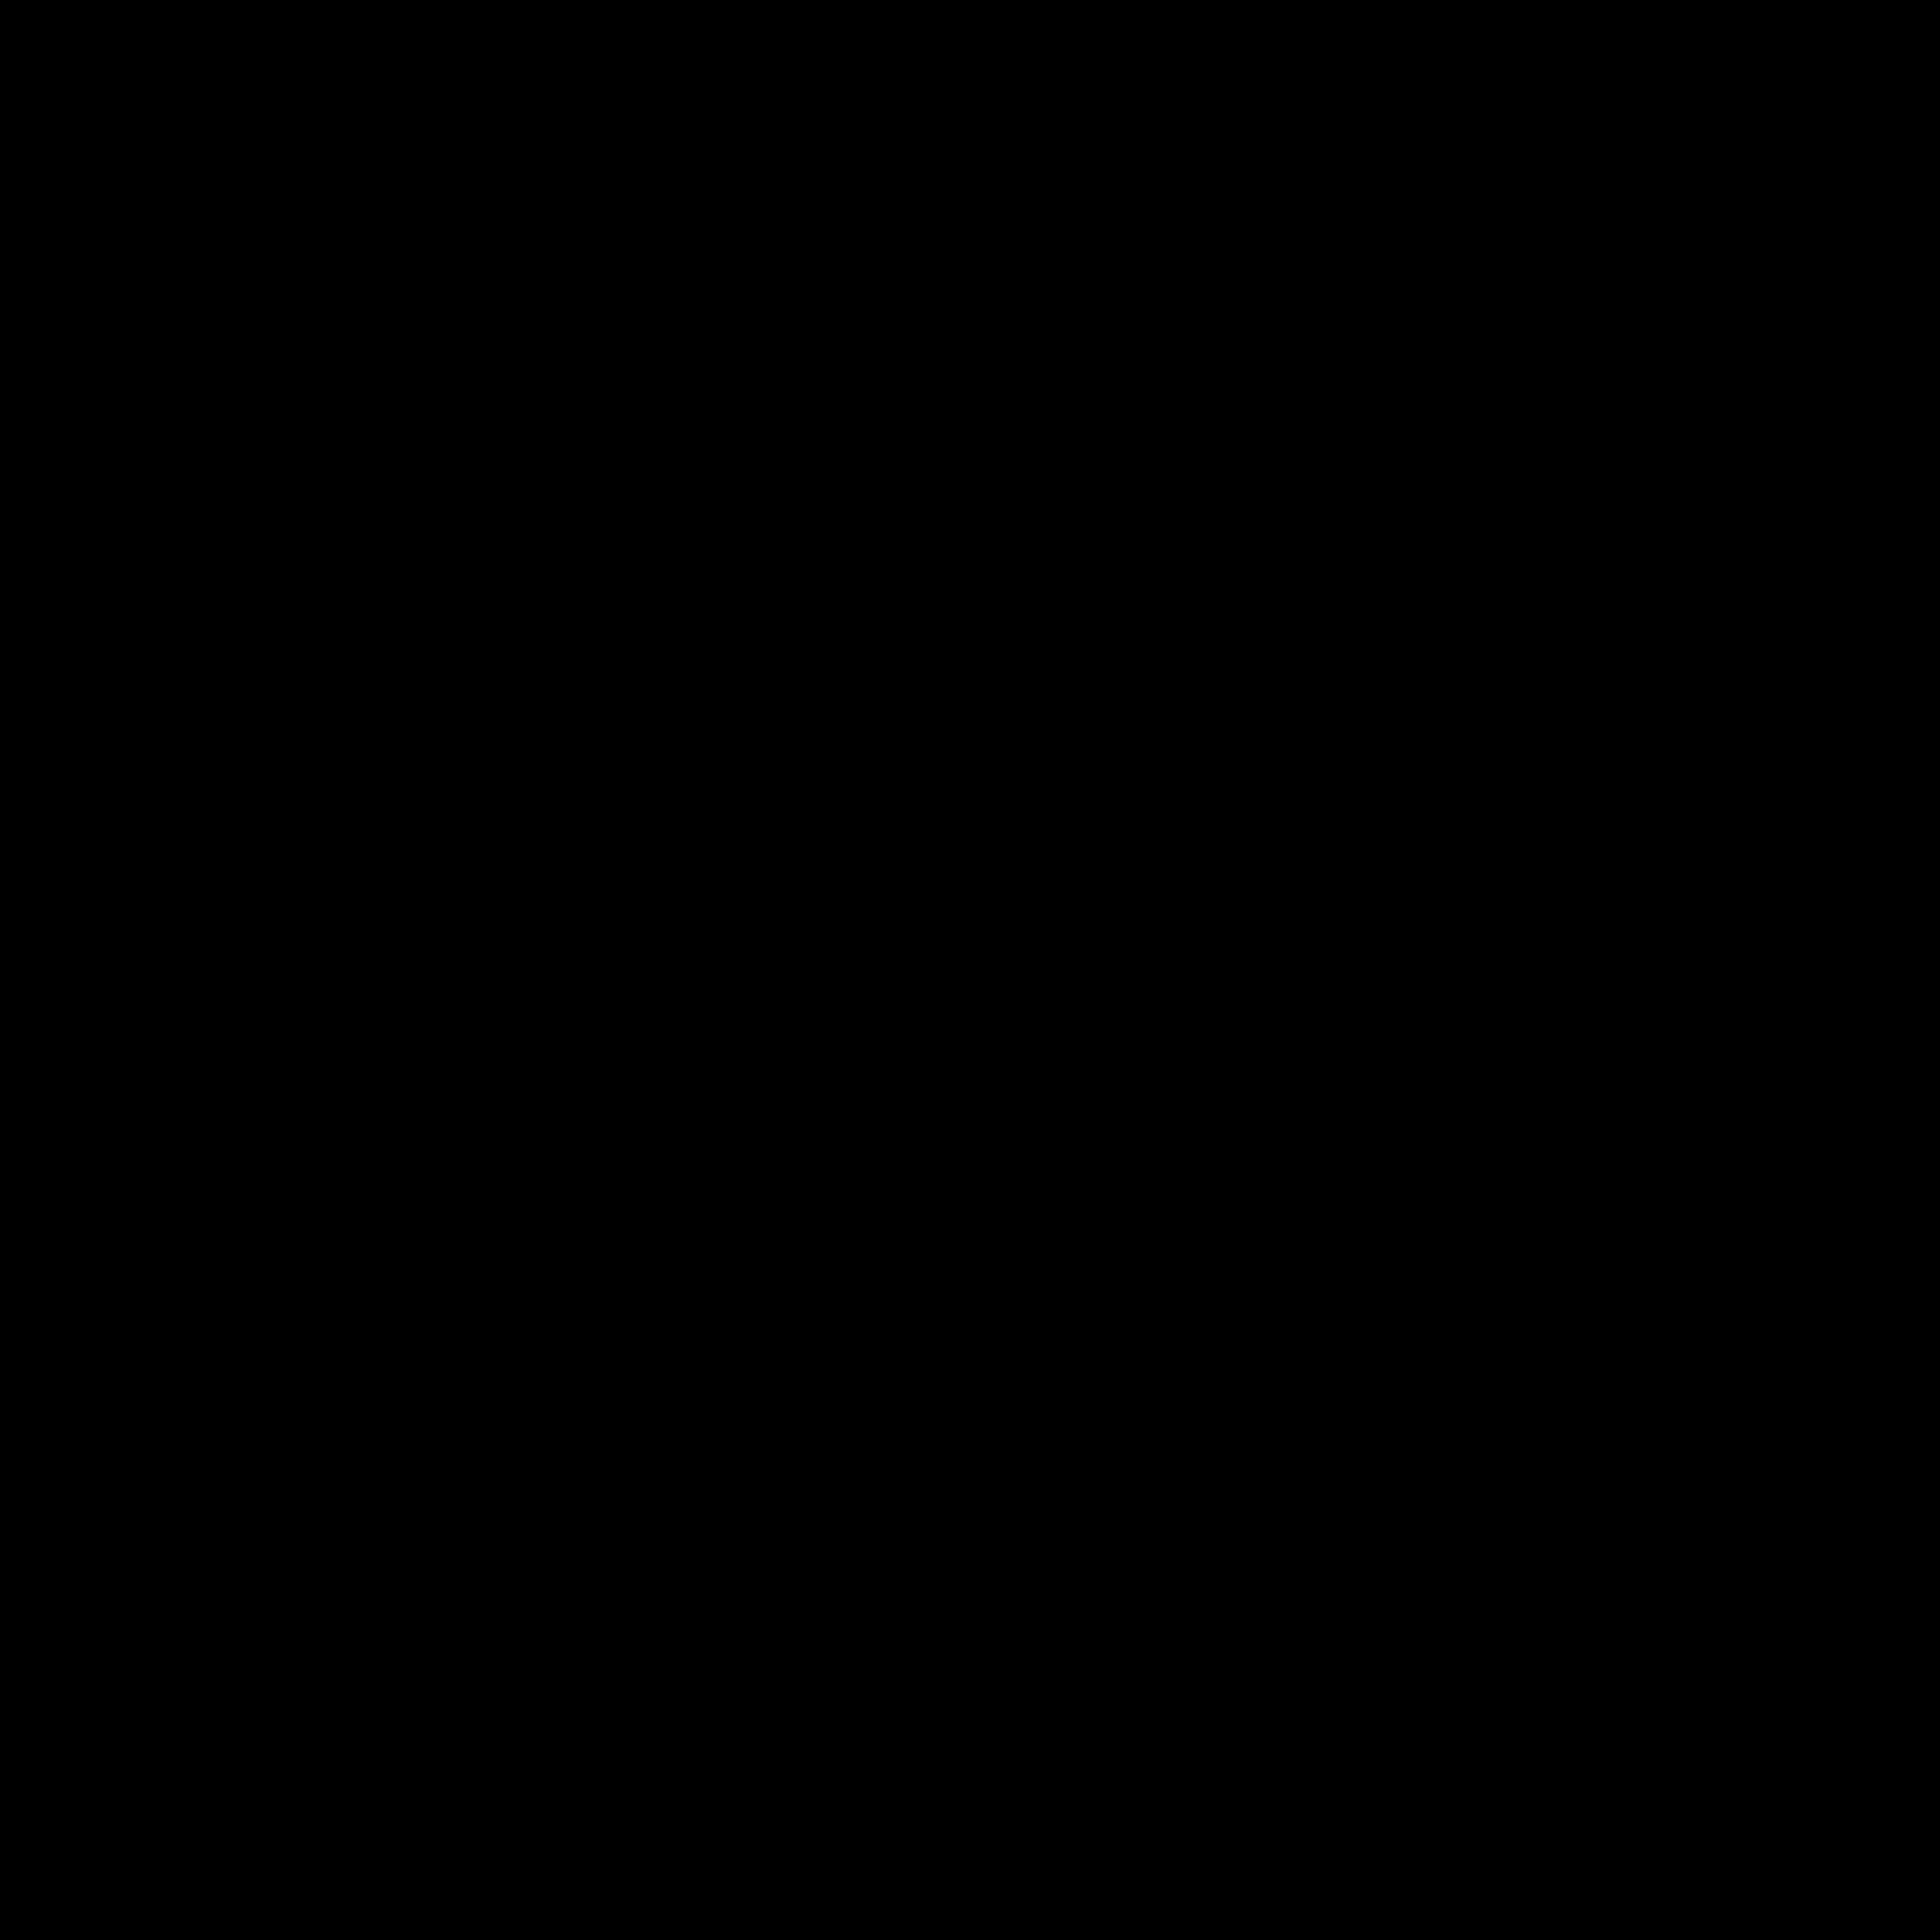 オブジェクト エフェクト 魔法陣 透過素材 7パターン 七三ゆきのアトリエ